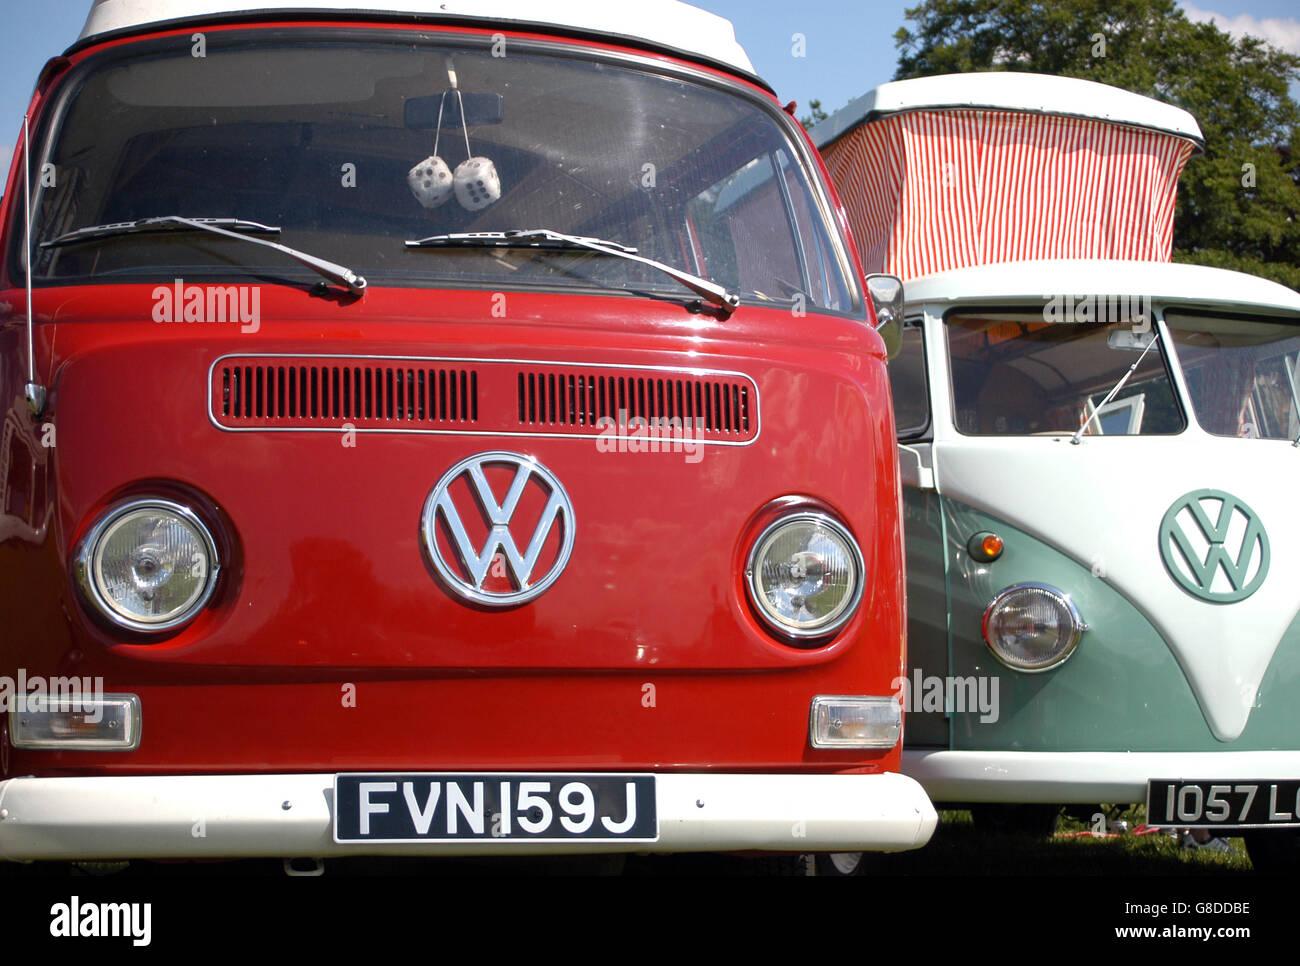 Volkswagen Festival - Harewood House - Stock Image